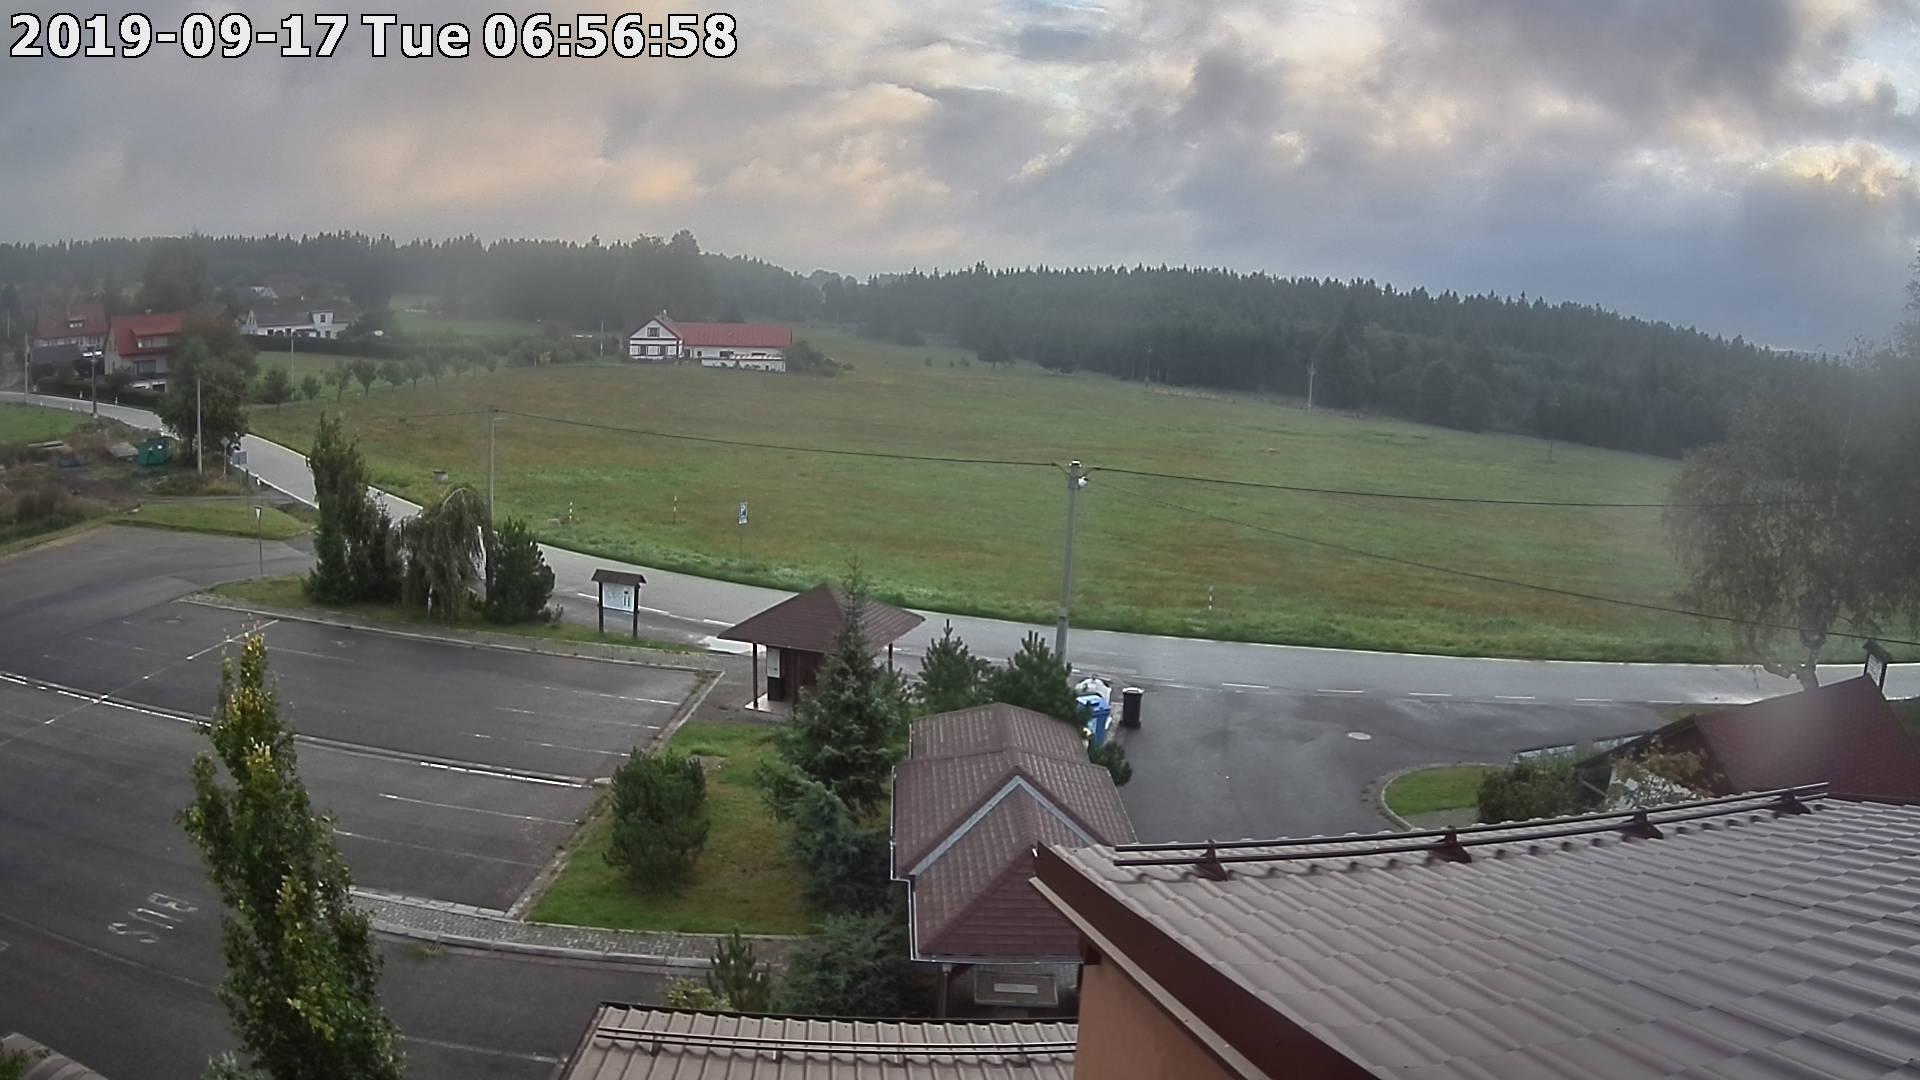 Webkamera ze dne 2019-09-17